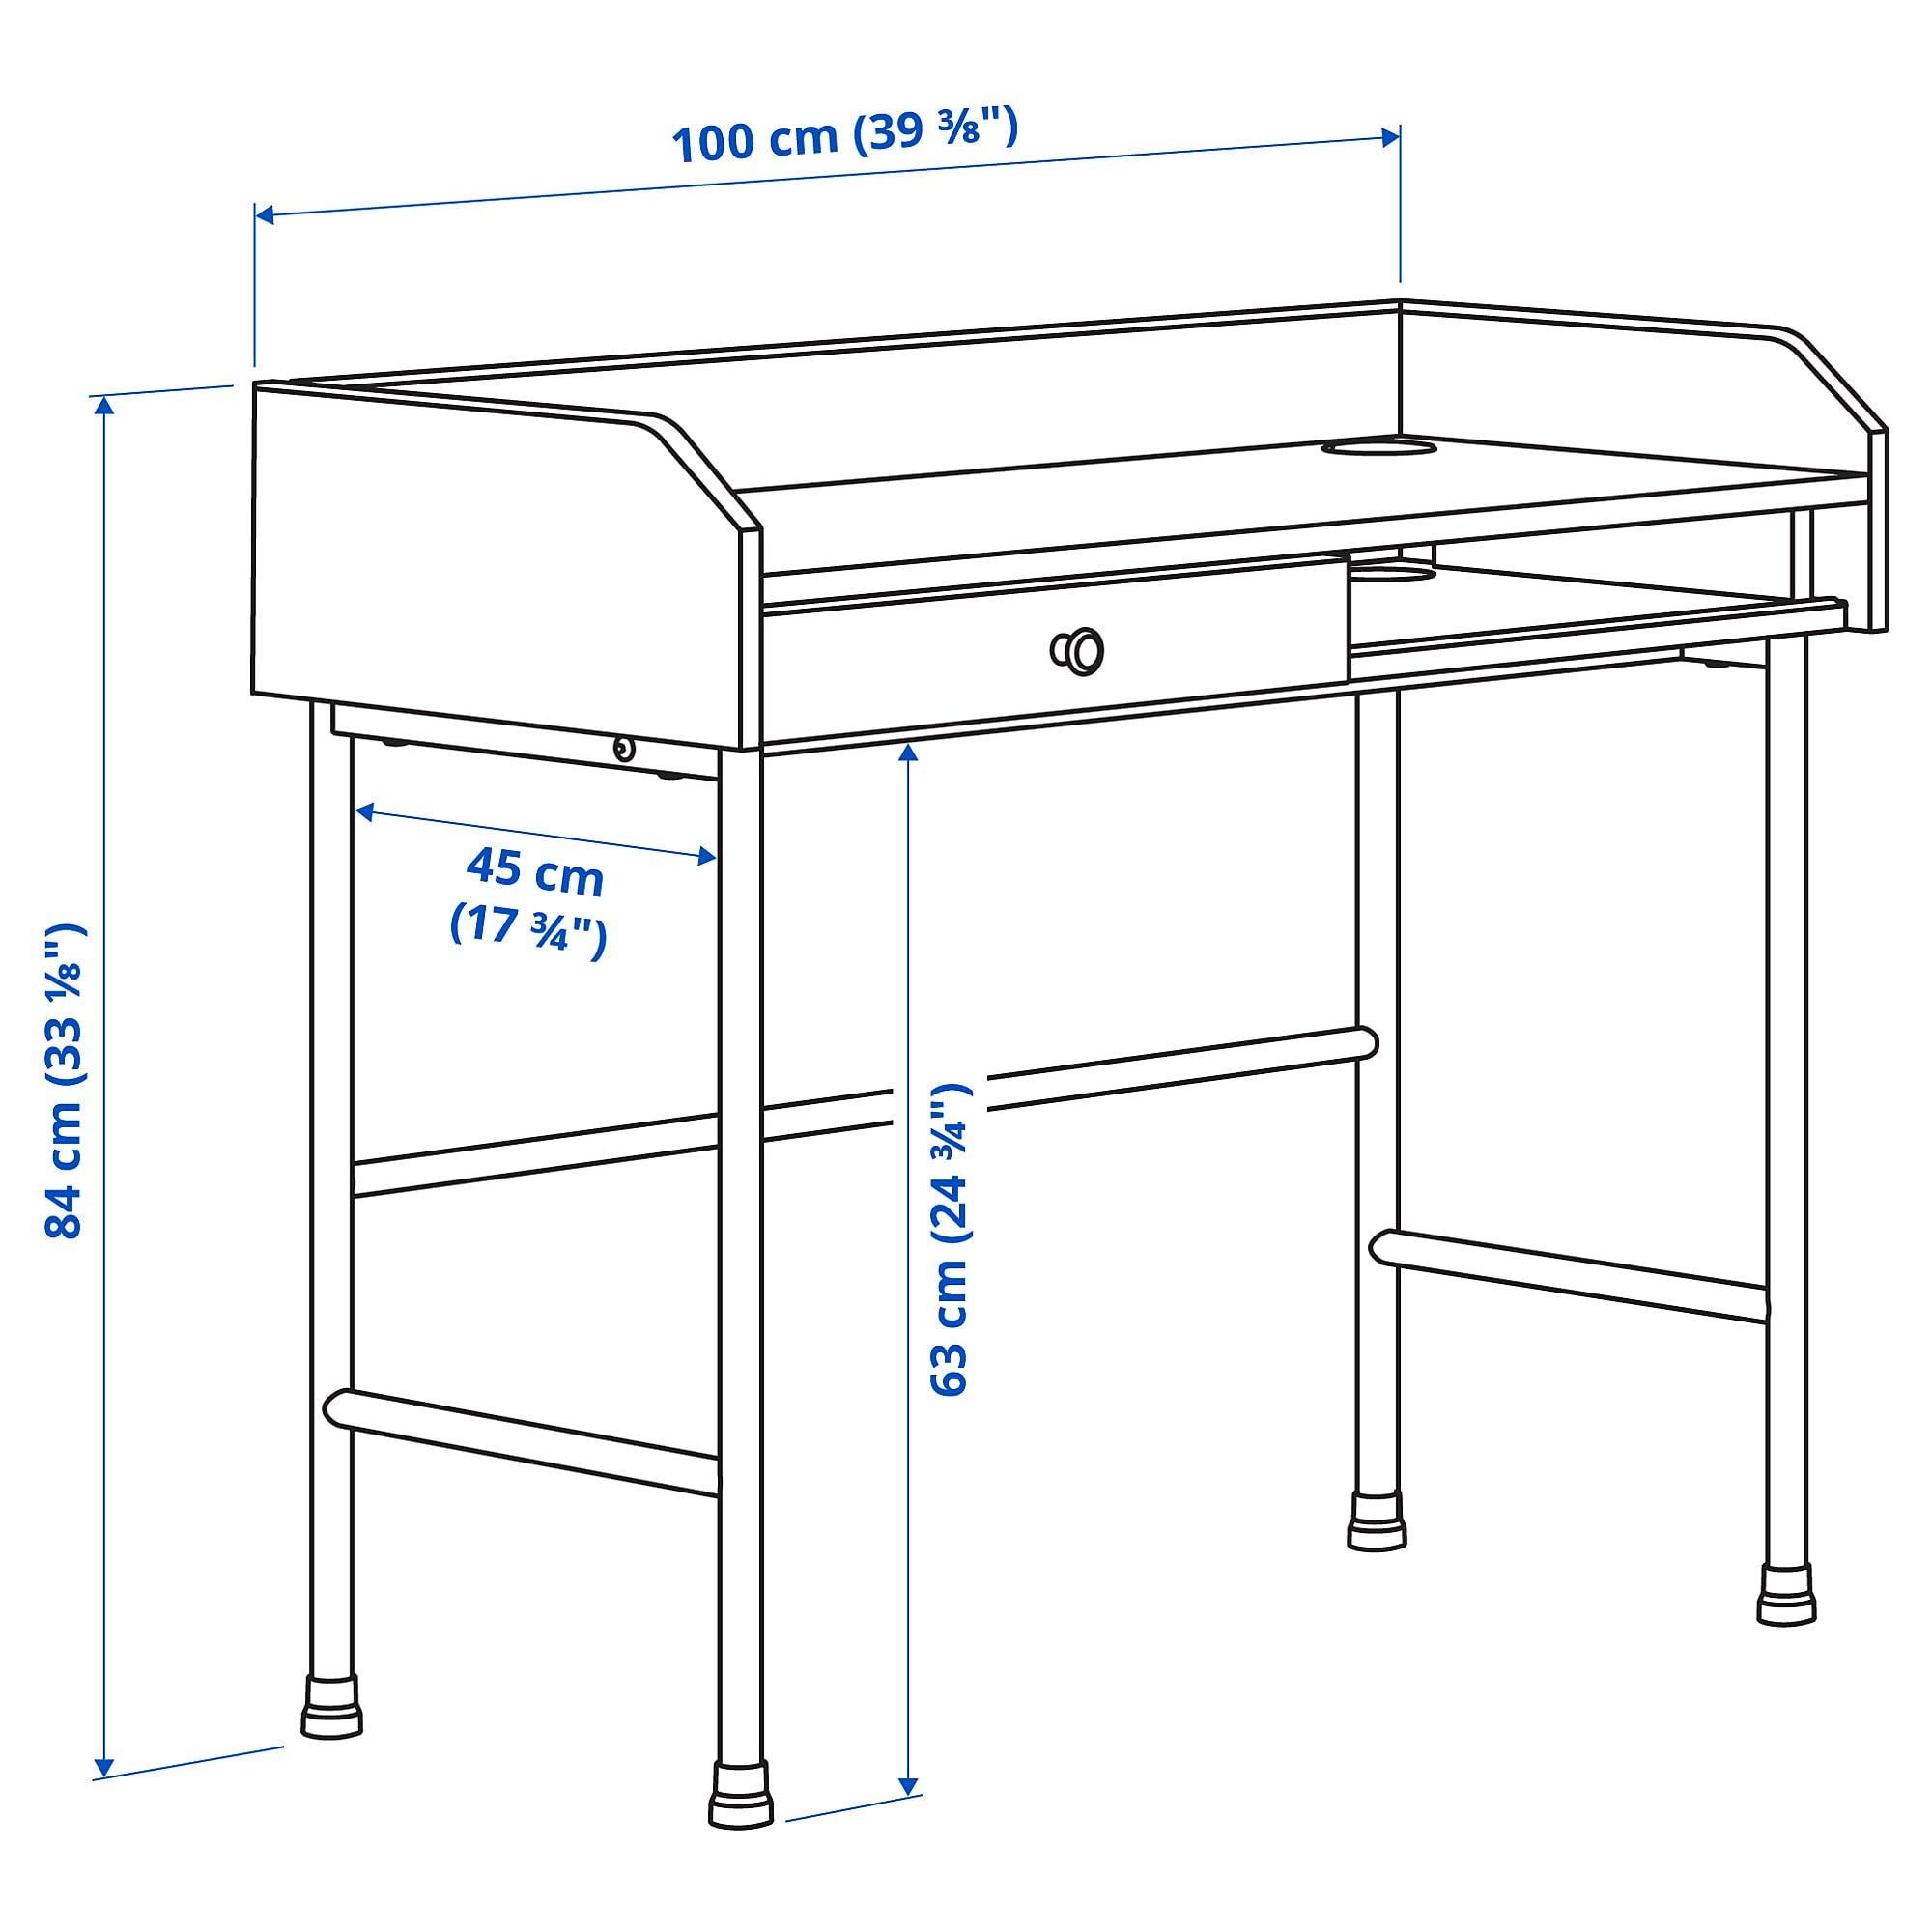 HAUGA Scrivania, grigio, 100x45 cm - IKEA Svizzera